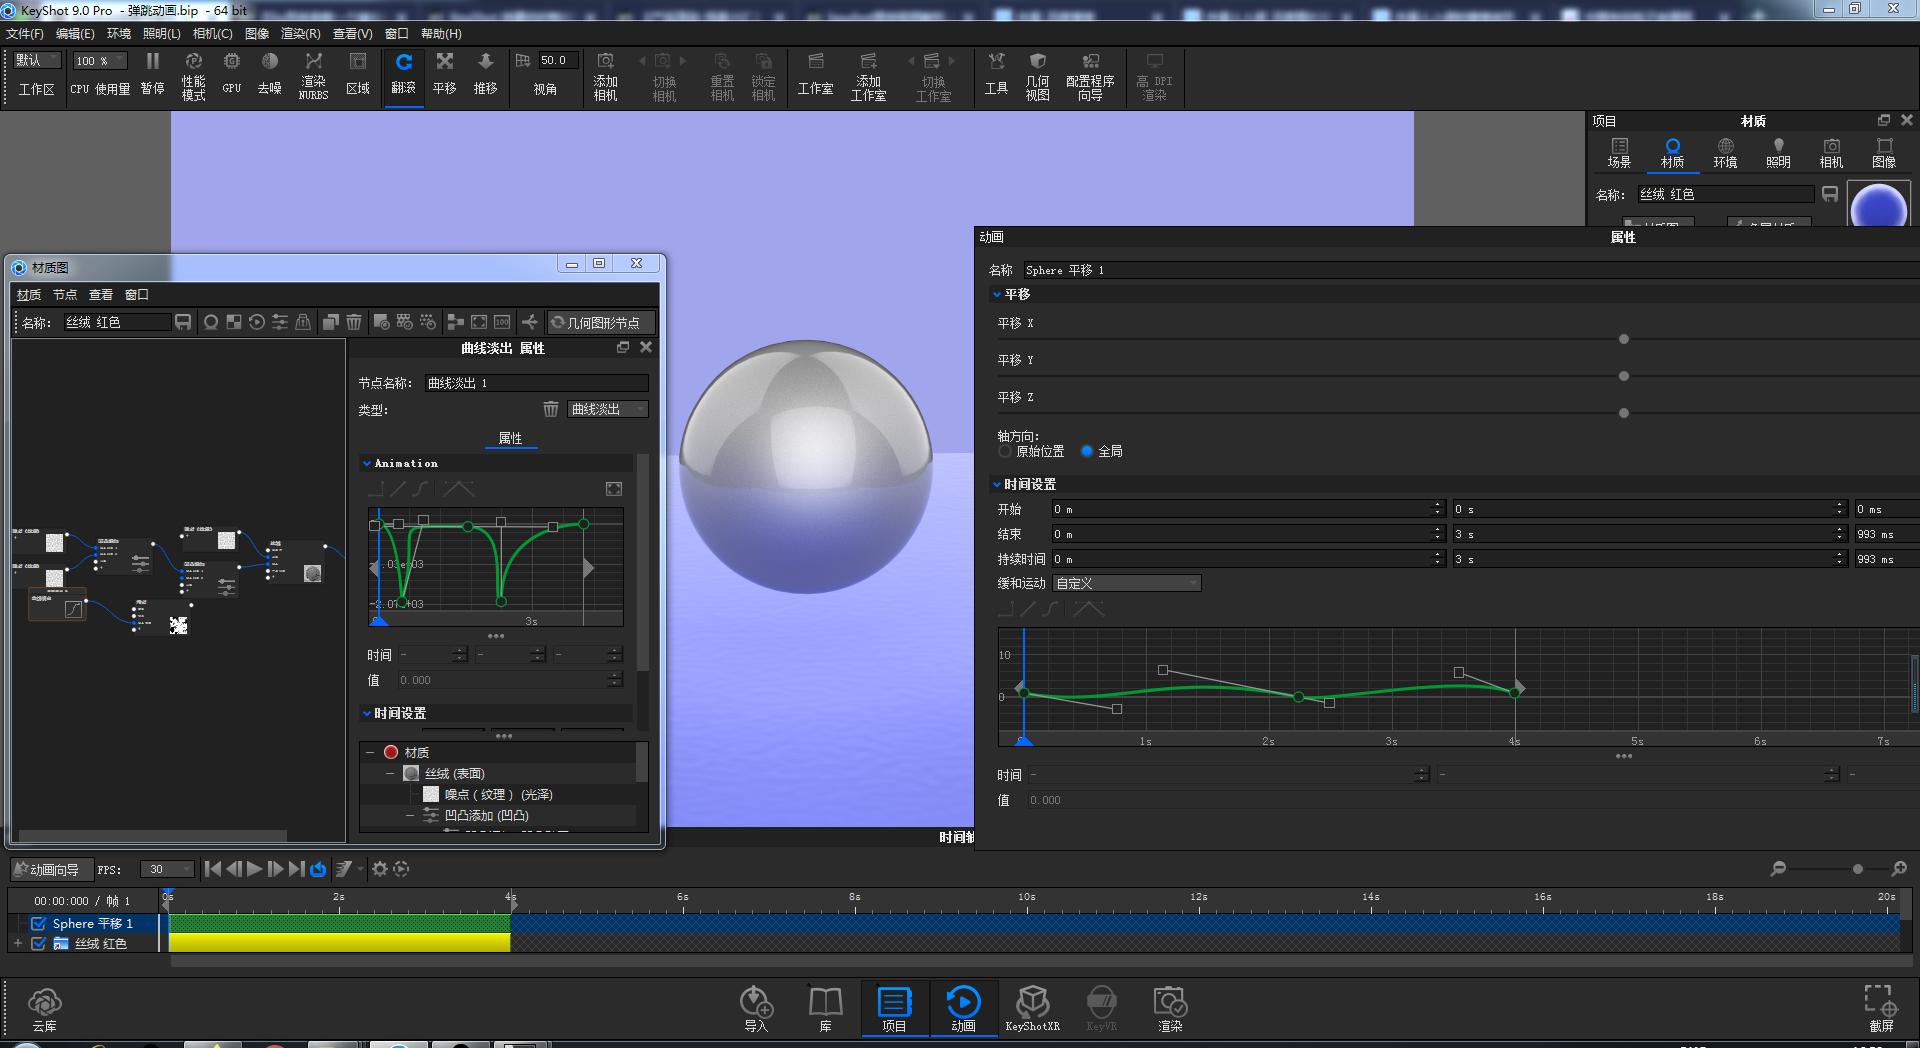 KS9曲线调节动画,循环播放用来催眠